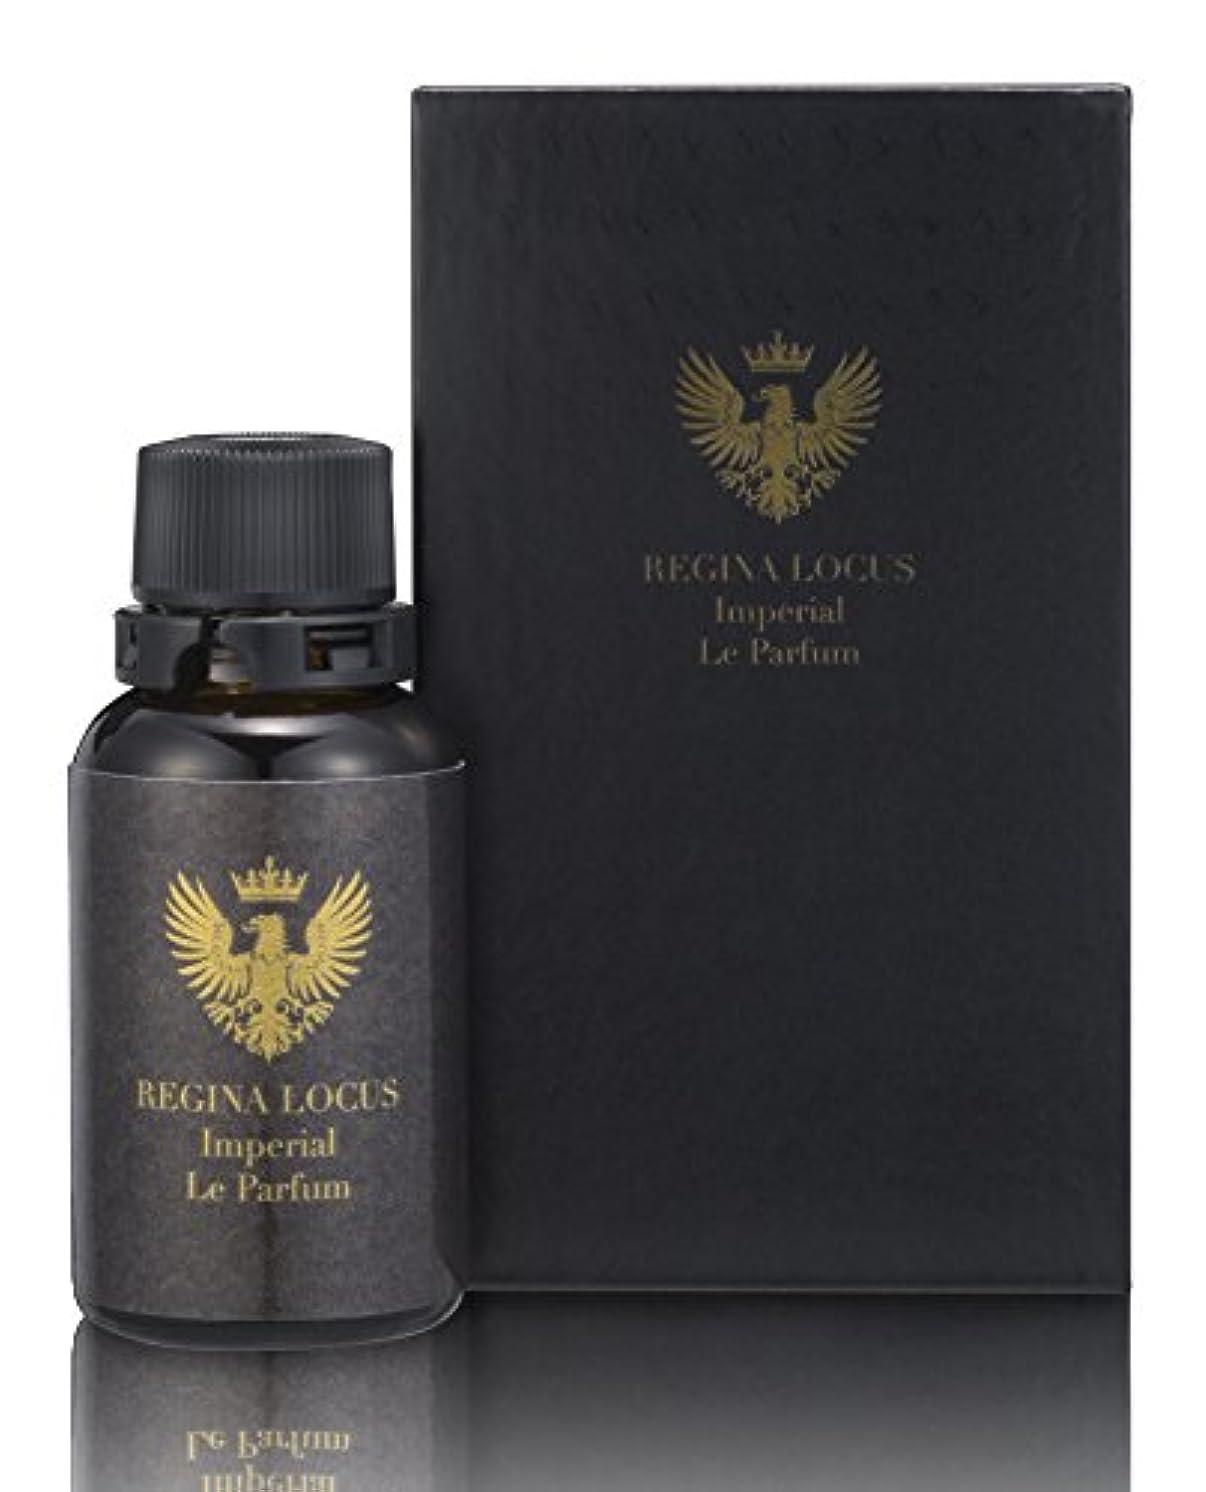 行商人成長バルーンメンズ 香水 紳士用 パフューム [ベルガモット ローズ シダーウッド] Imperial Le Parfum -ル パルファン- 30ml 【TENBUDO (旧REGINA LOCUS MEN)】